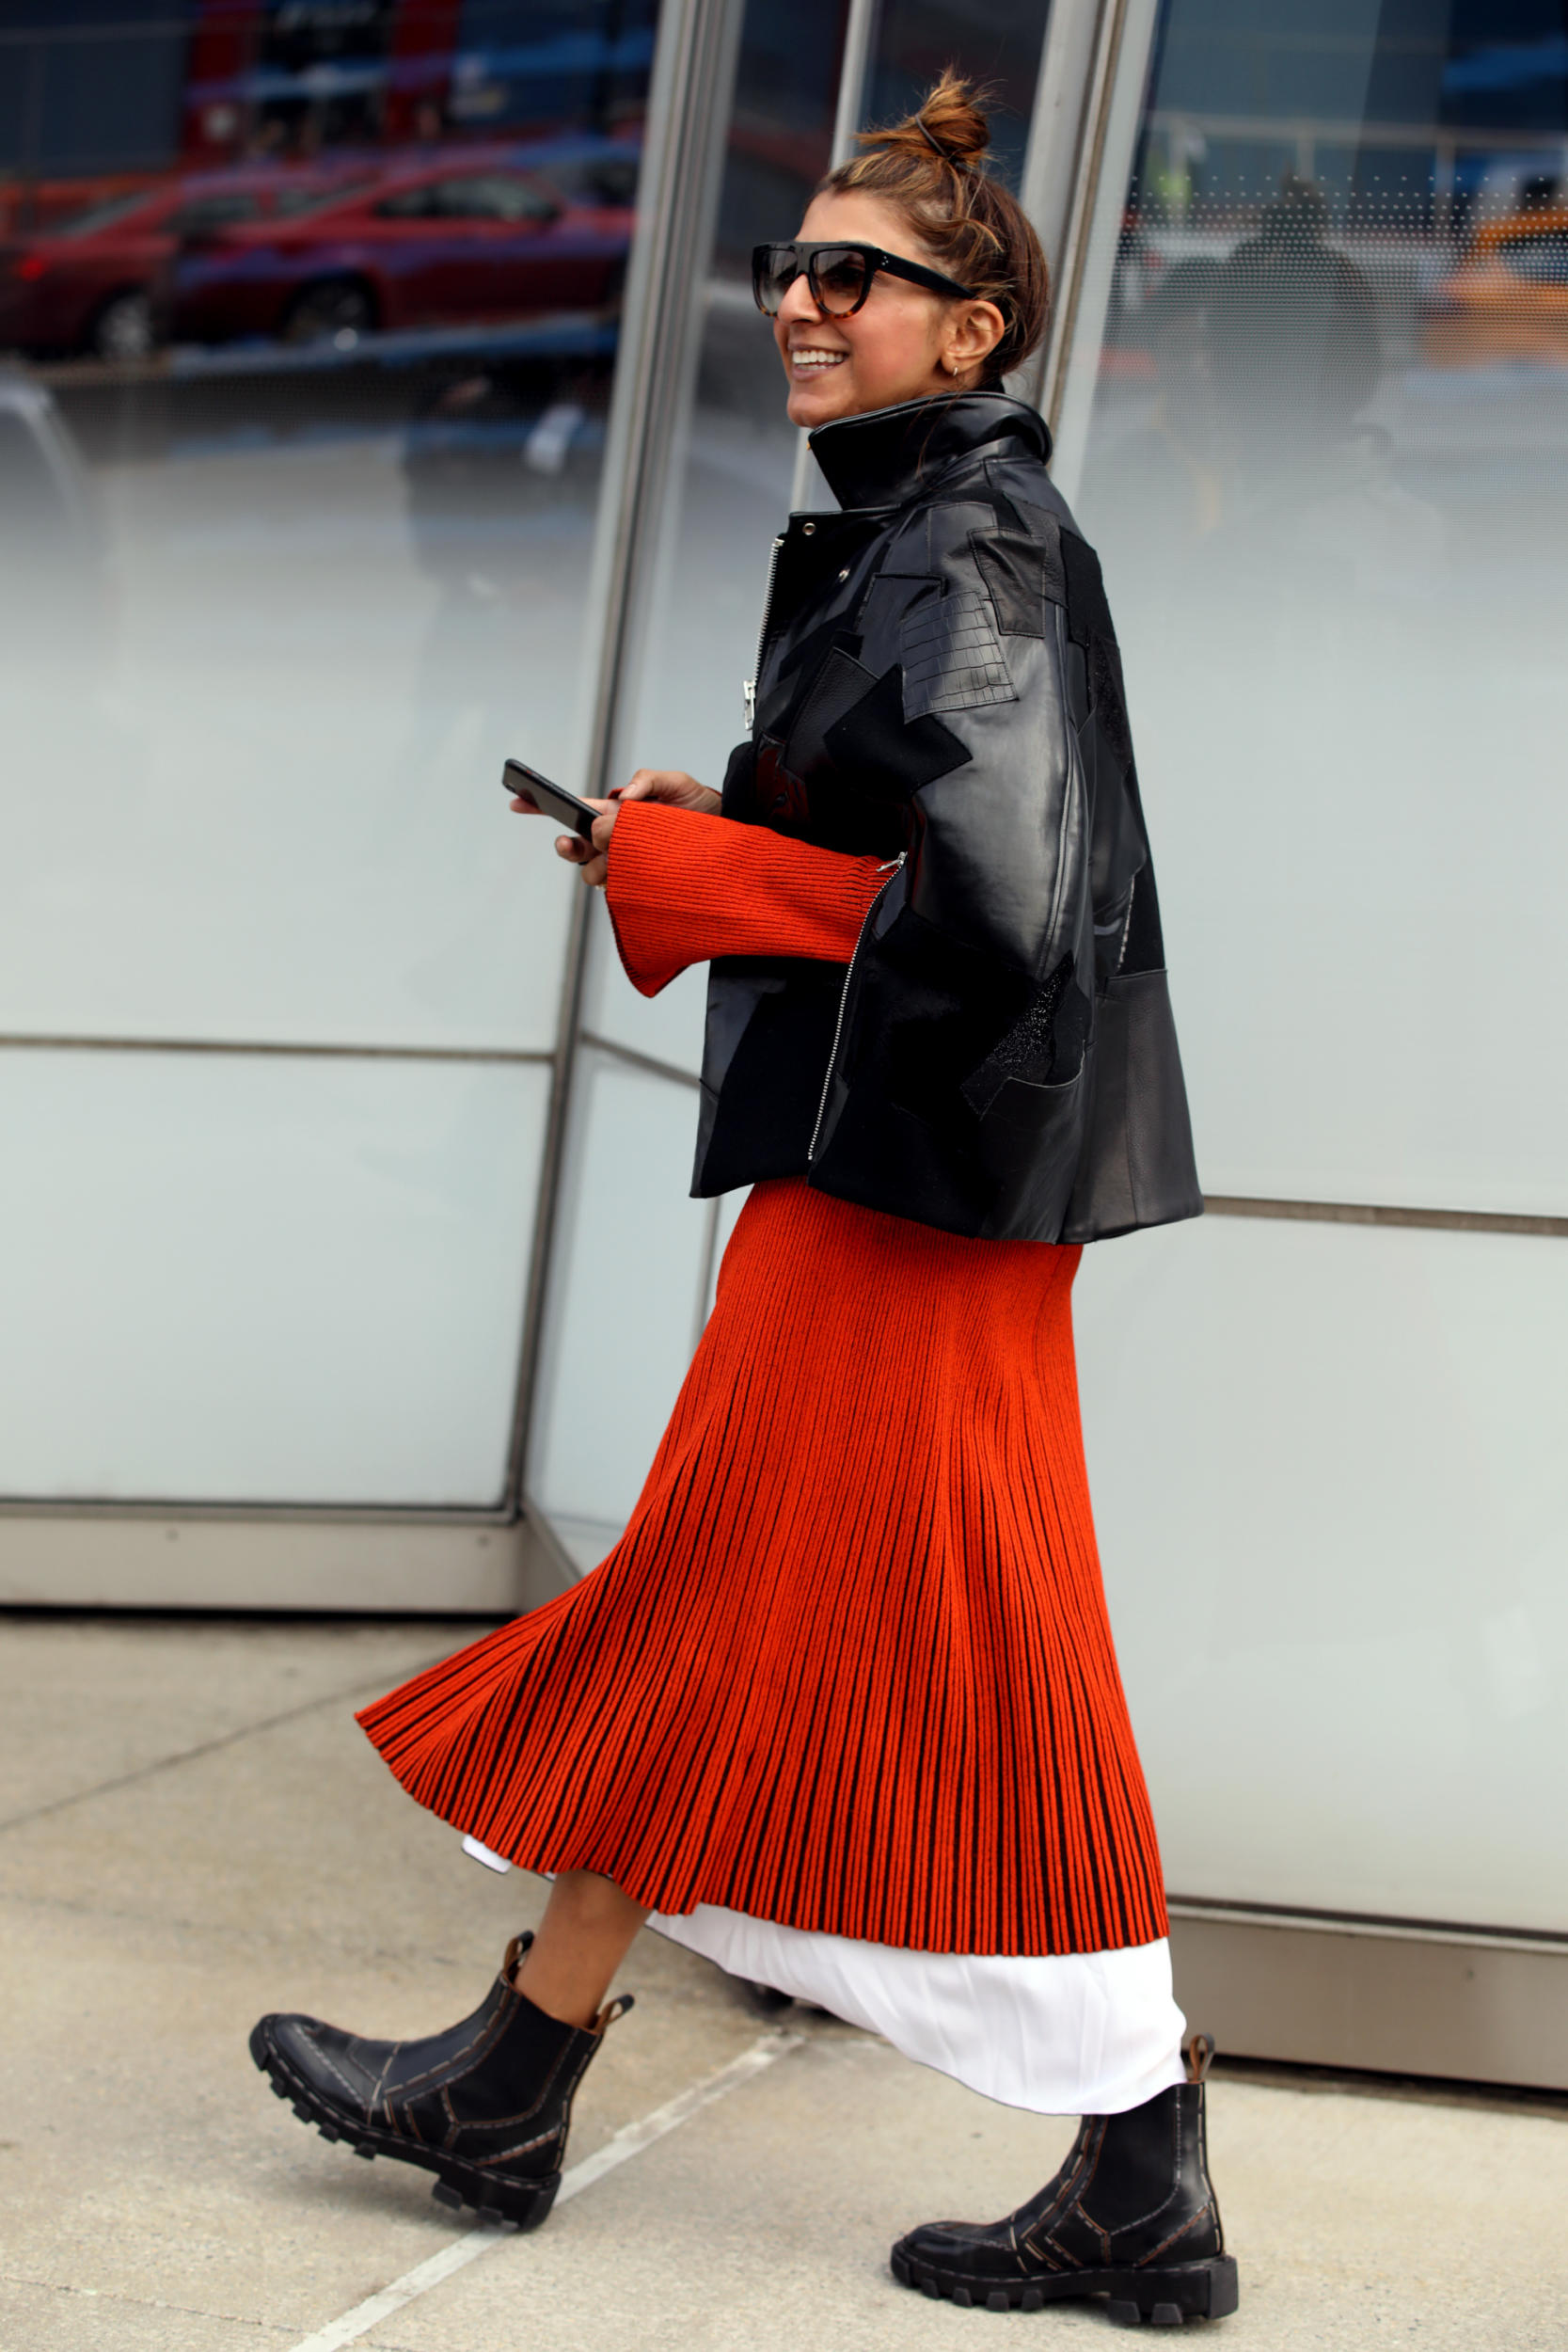 50 оттенков красного: 25 идей, как носить самый яркий цвет